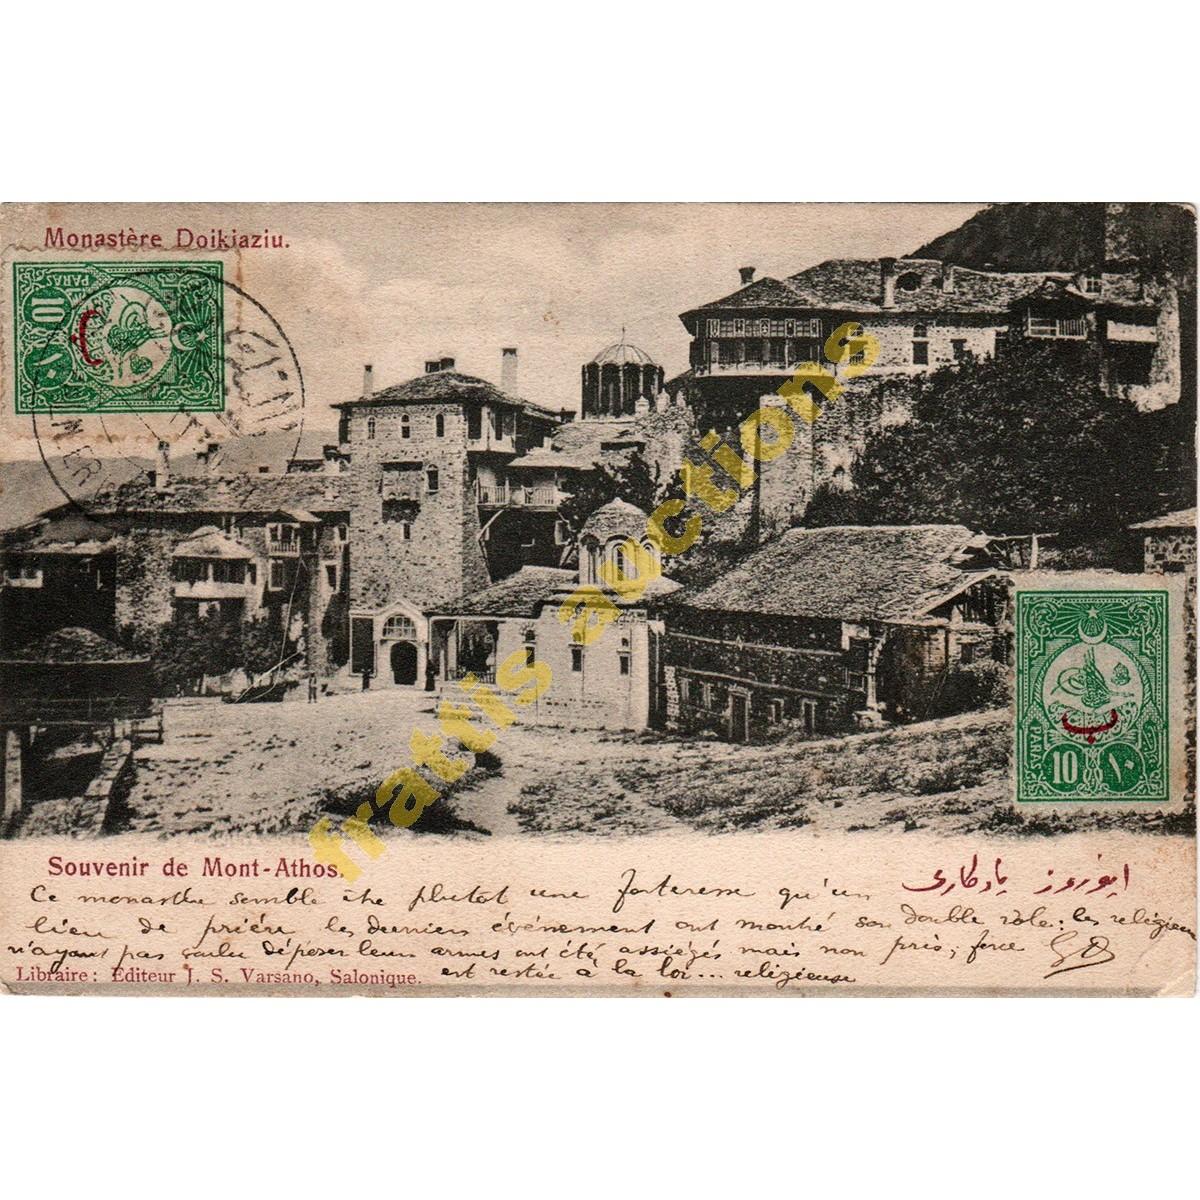 Ι.Μ. ΔΟΧΕΙΑΡΙΟΥ, Monastere Doikiaziu, Souvenir de Mont-Athos, editions J. S. Varsano, Salonique, ταχυδρομημένη, 1911